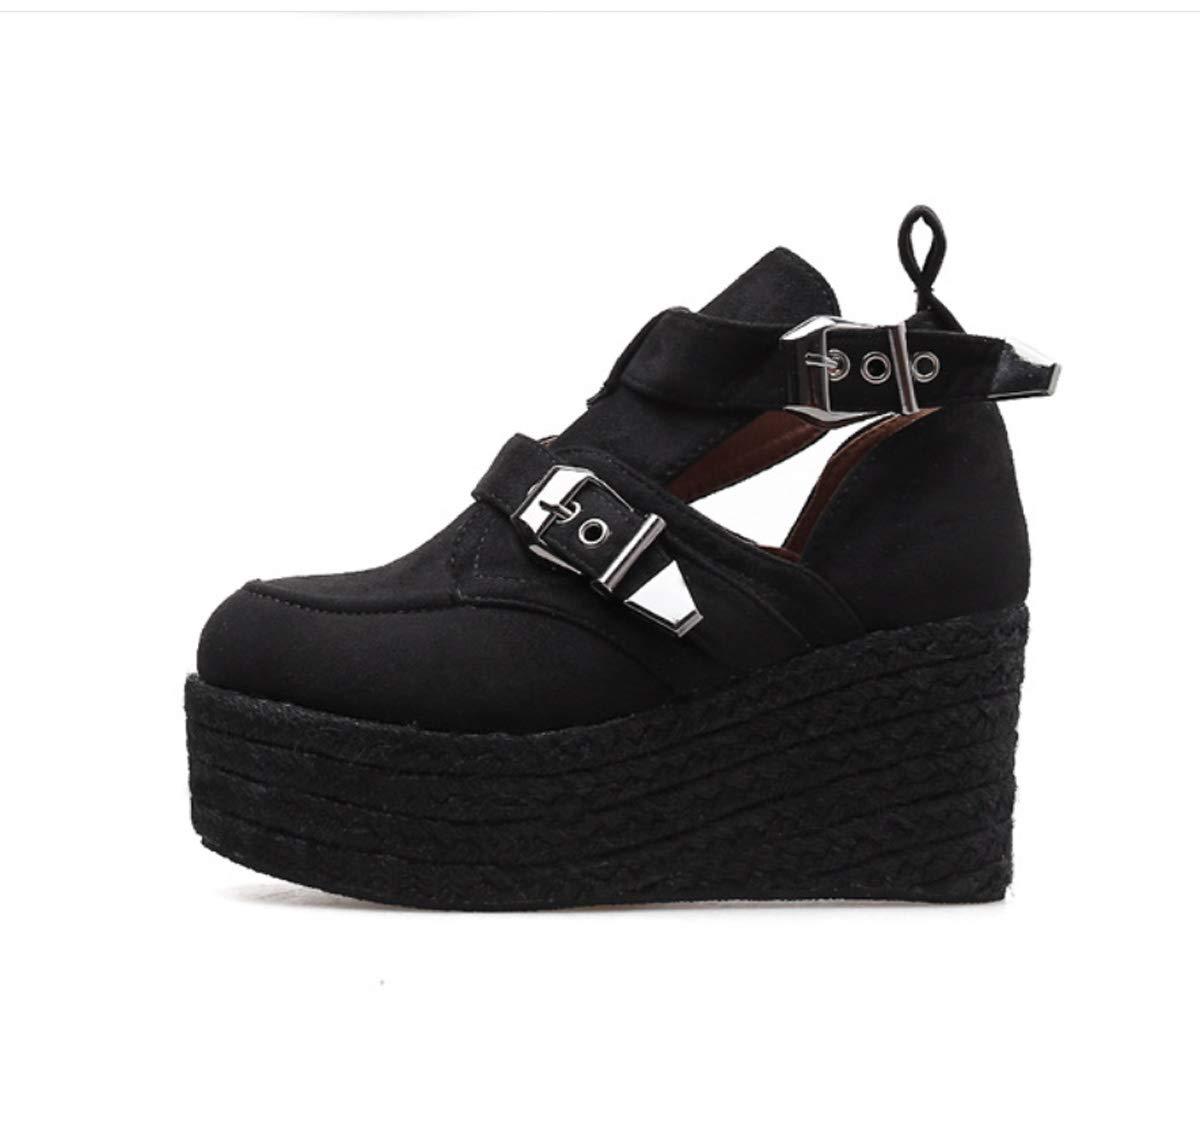 DANDANJIE DANDANJIE DANDANJIE Botines para Mujer Zapatos con tacón de cuña Botines con Botines con Hebilla de Cuerda de cáñamo a la Moda para otoño de 2018 (Color : Negro, tamaño : 39 EU) 9833f0